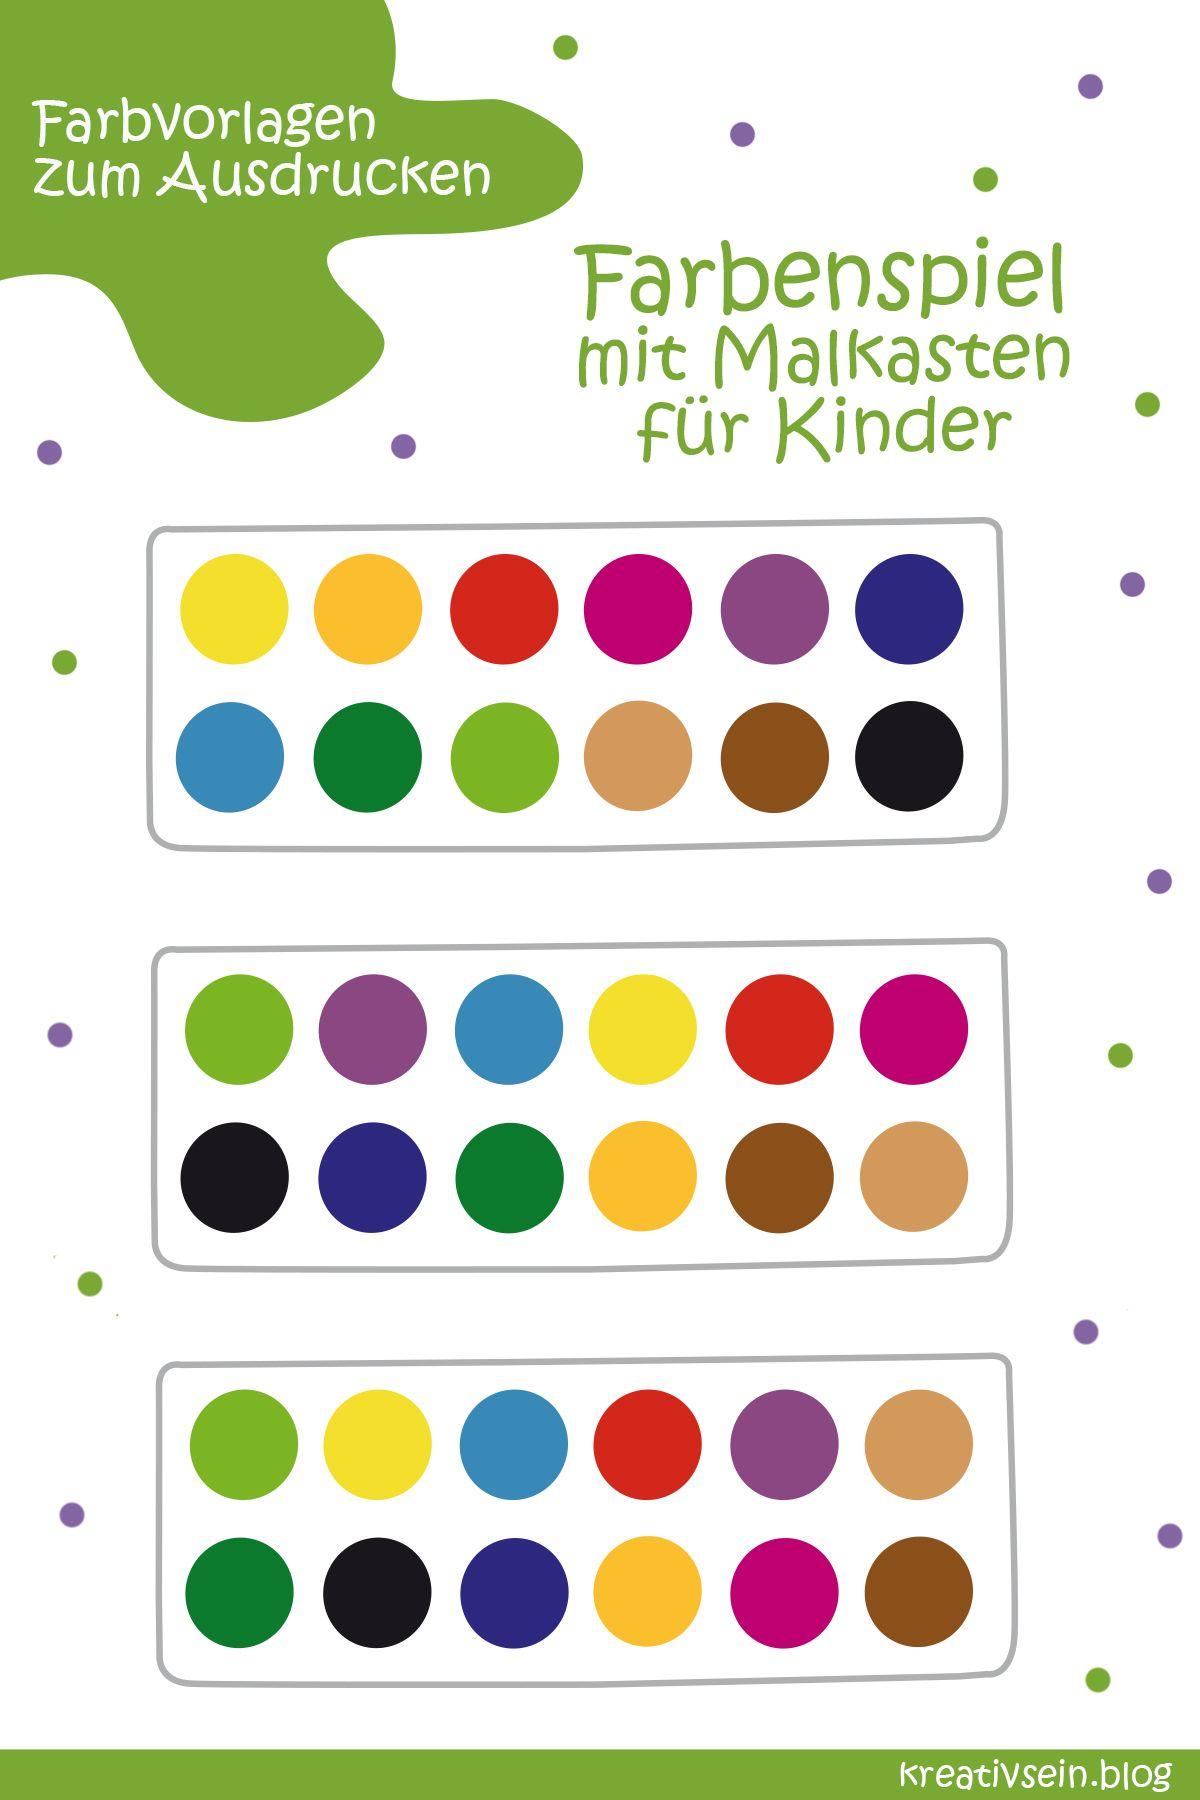 7 Tolle Spiele Zum Farben Lernen Kreativsein Blog Farben Lernen Lernen Projekt Farben Kindergarten